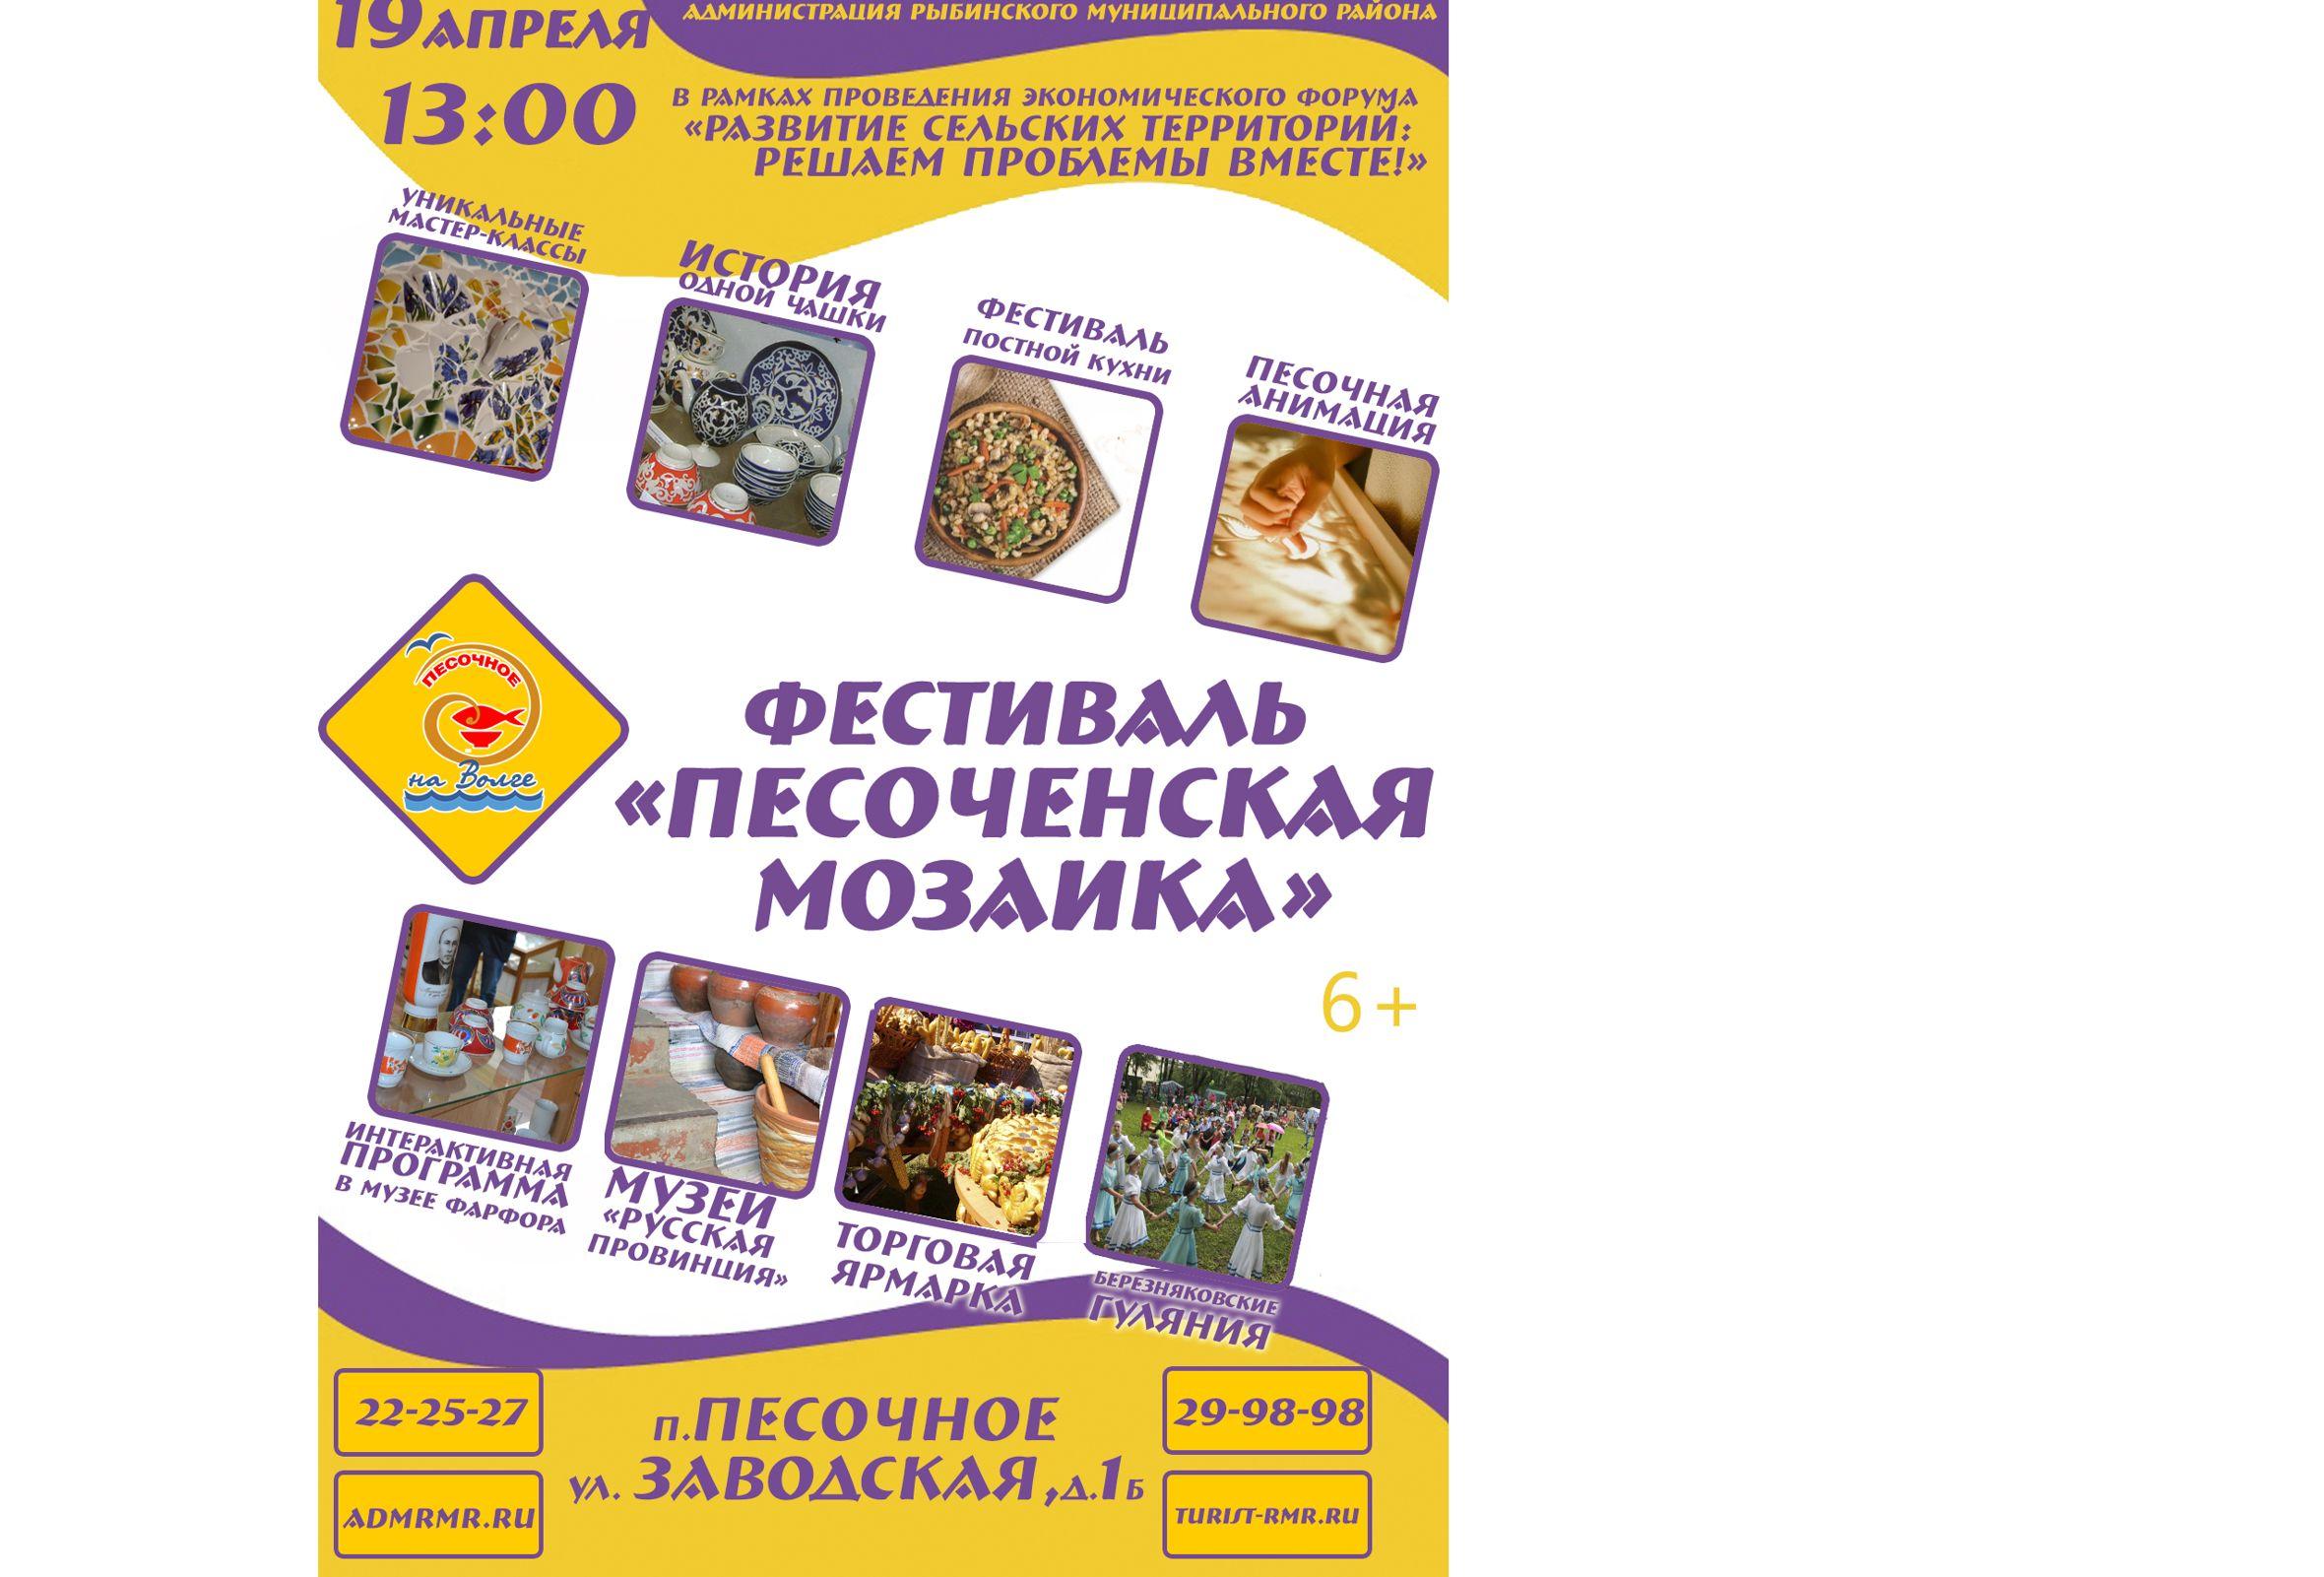 Развитие сельских территорий обсудят участники экономического форума в Рыбинском районе